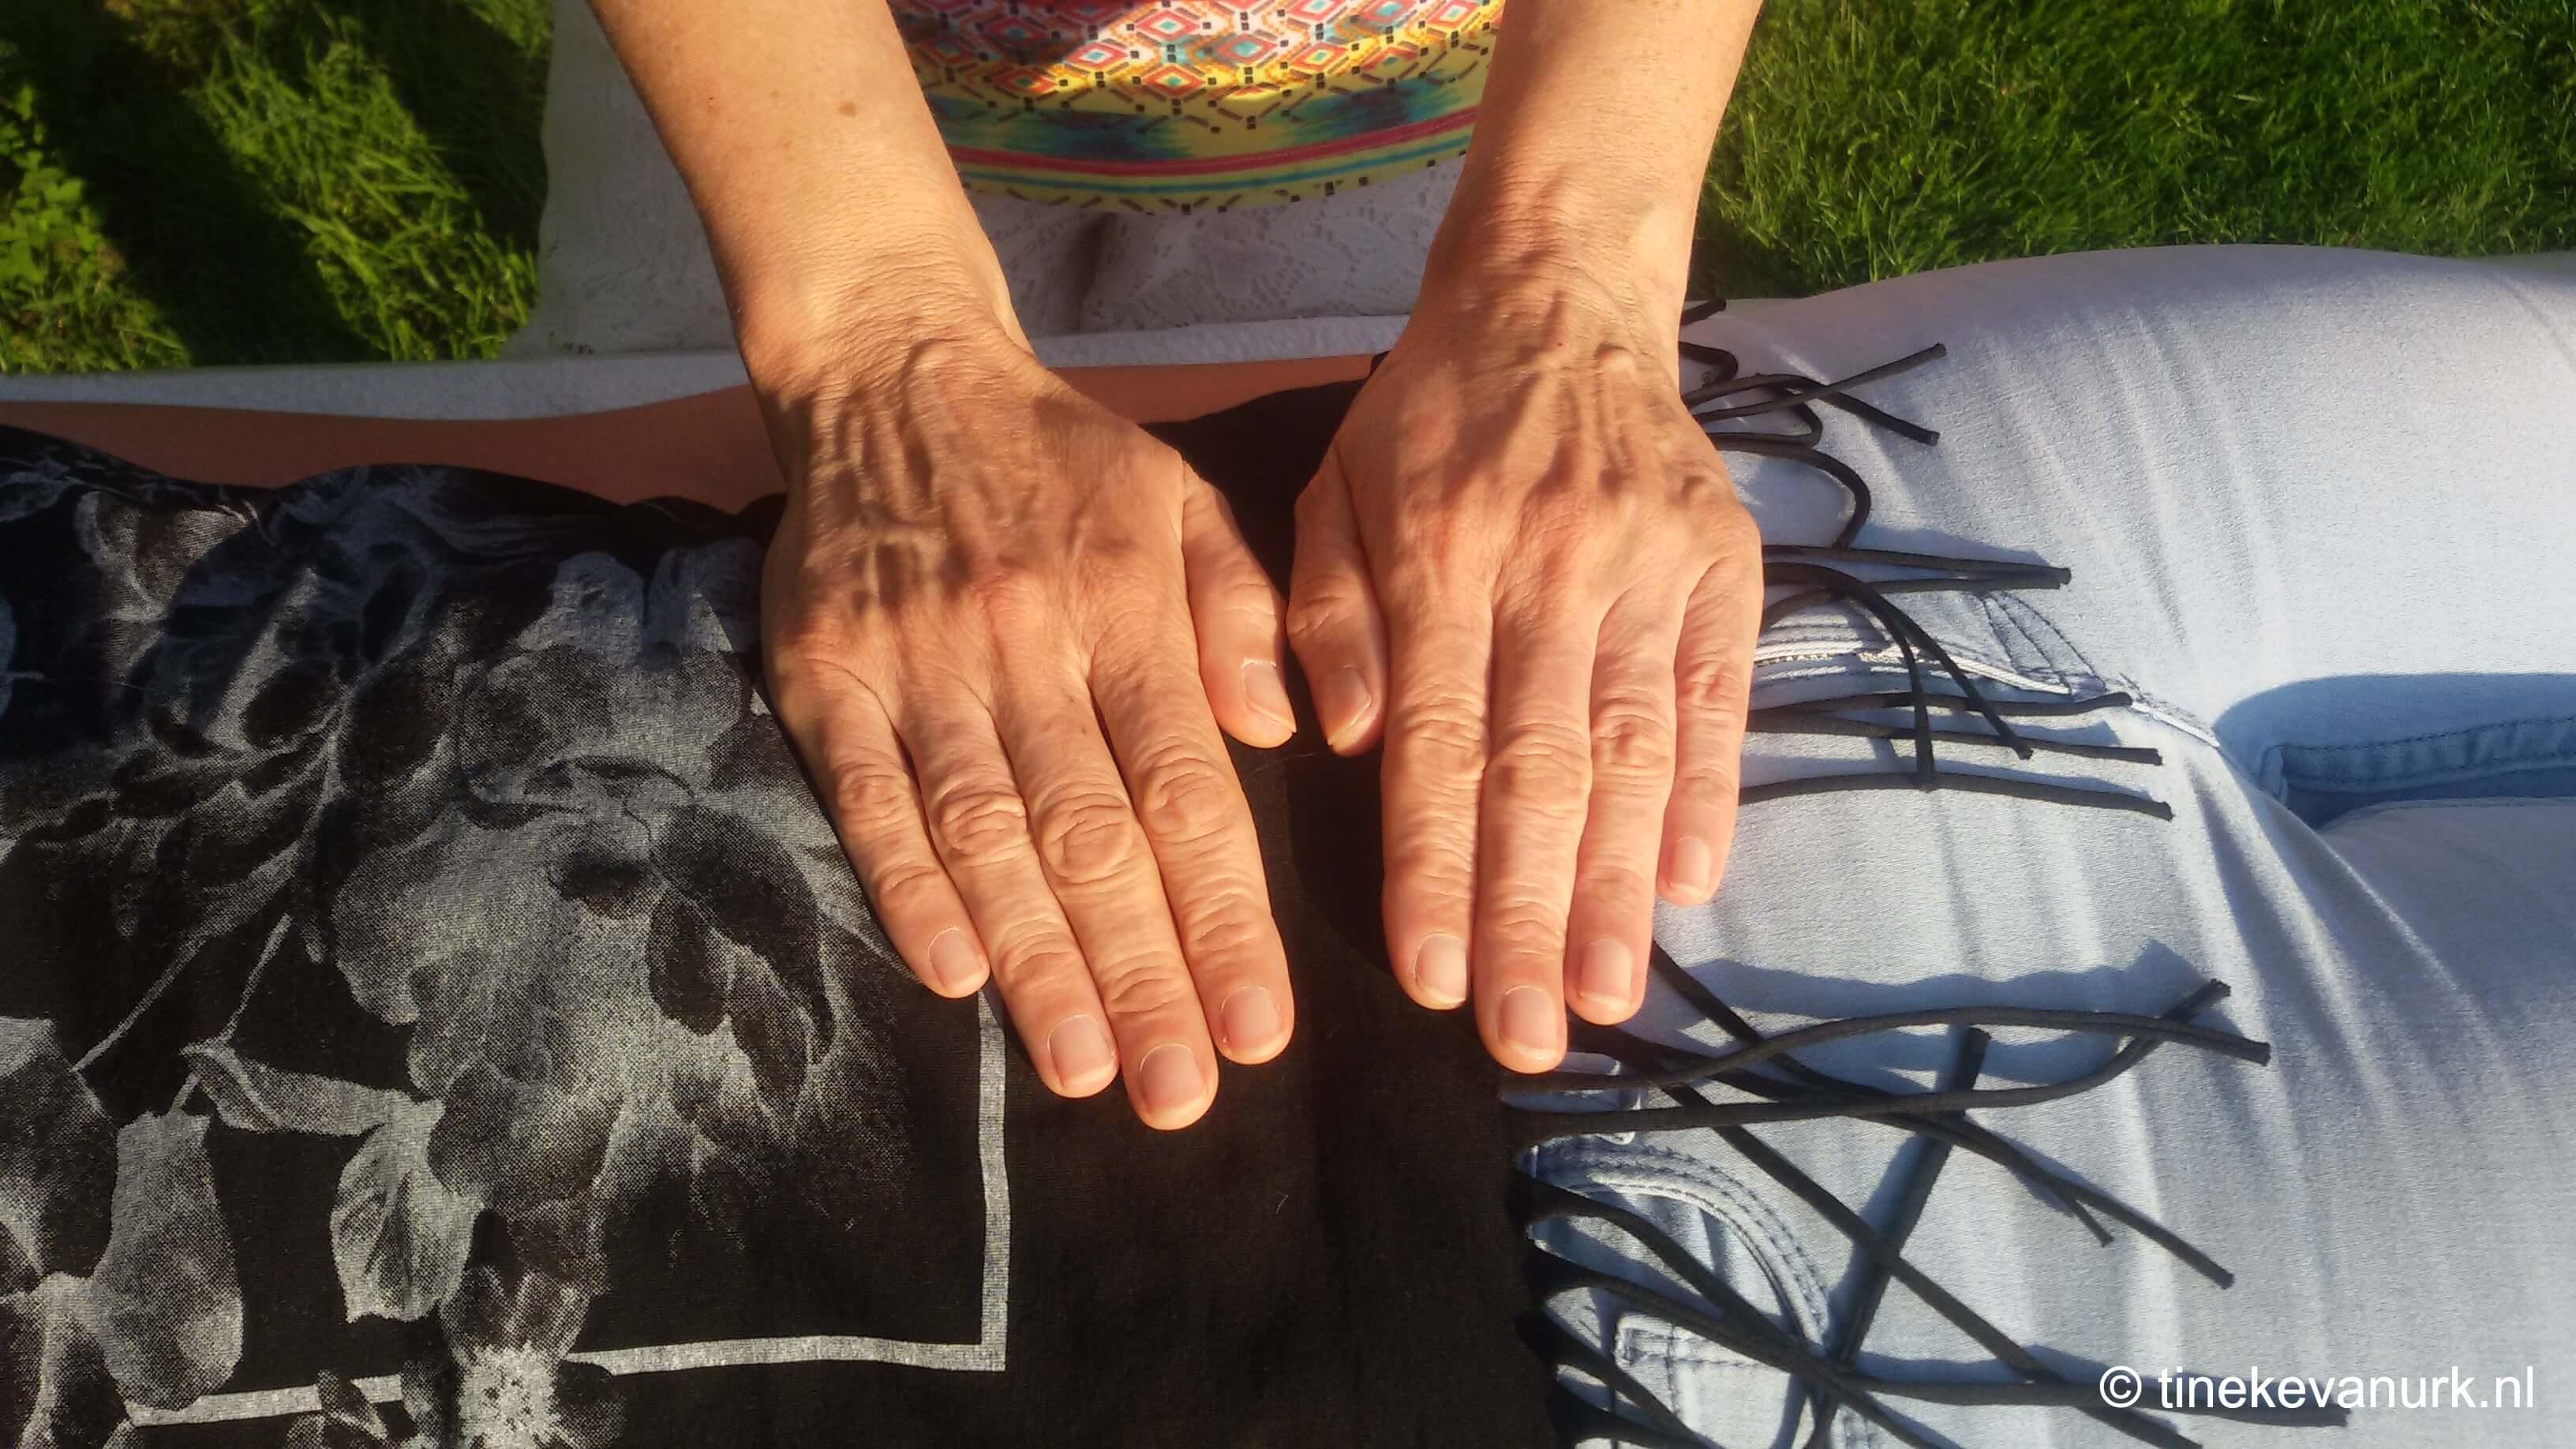 Negende positie voorkant van een volledige Reiki behandeling door Tineke van Urk met Serena Zuiderveld